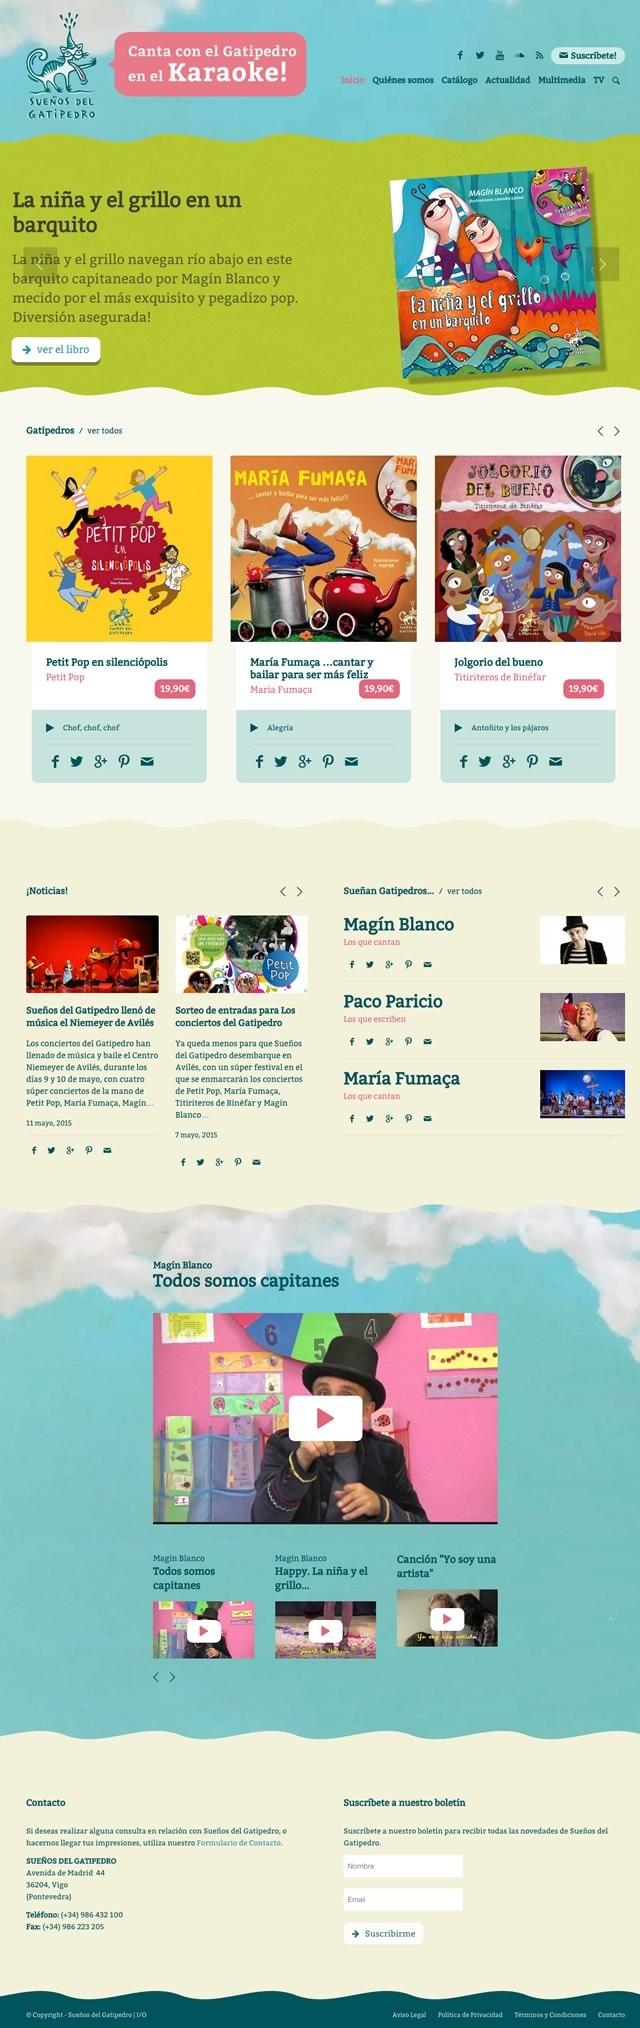 Pagina inicial de gatipedro